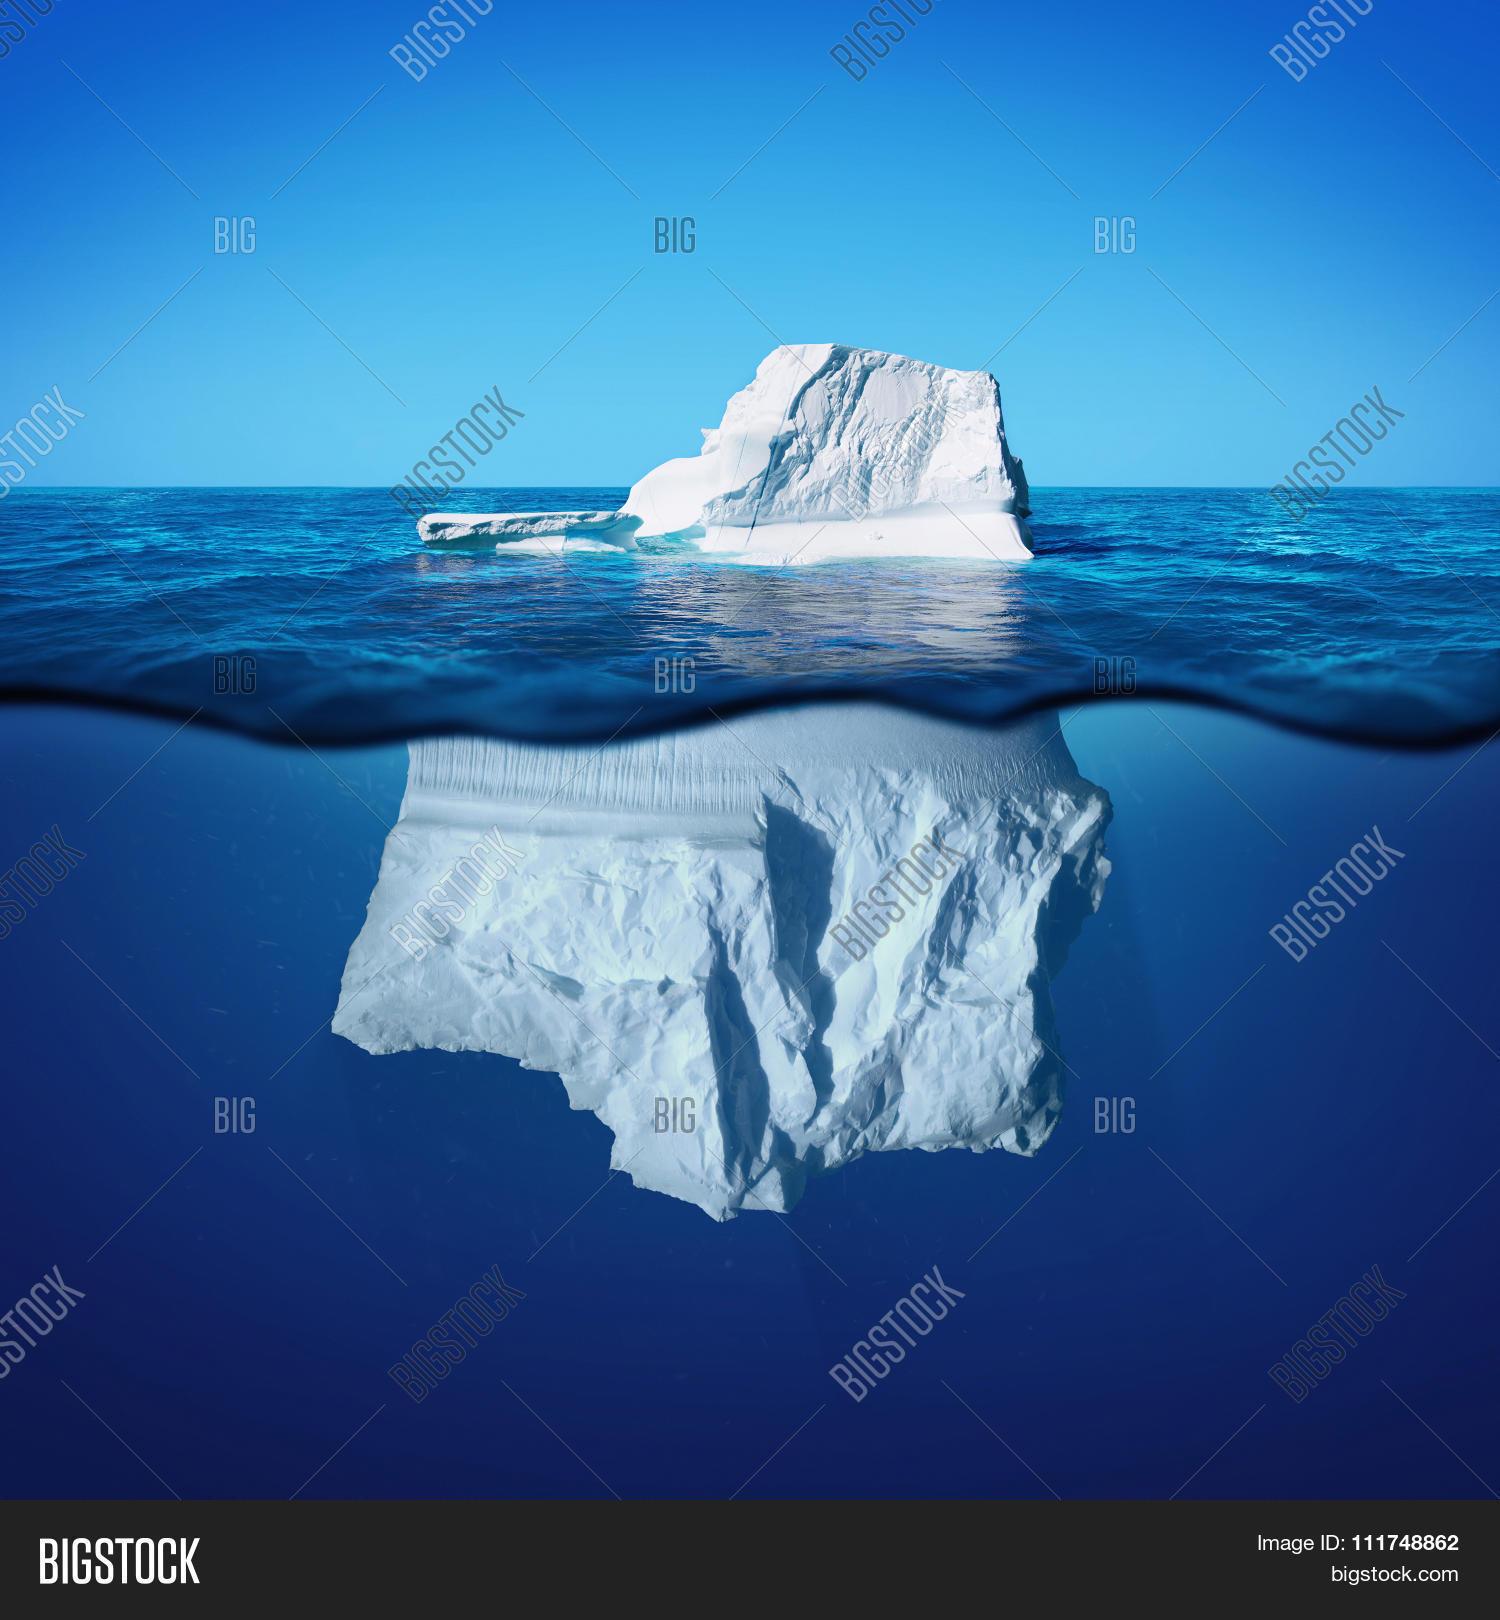 Underwater View Iceberg Beautiful Image & Photo